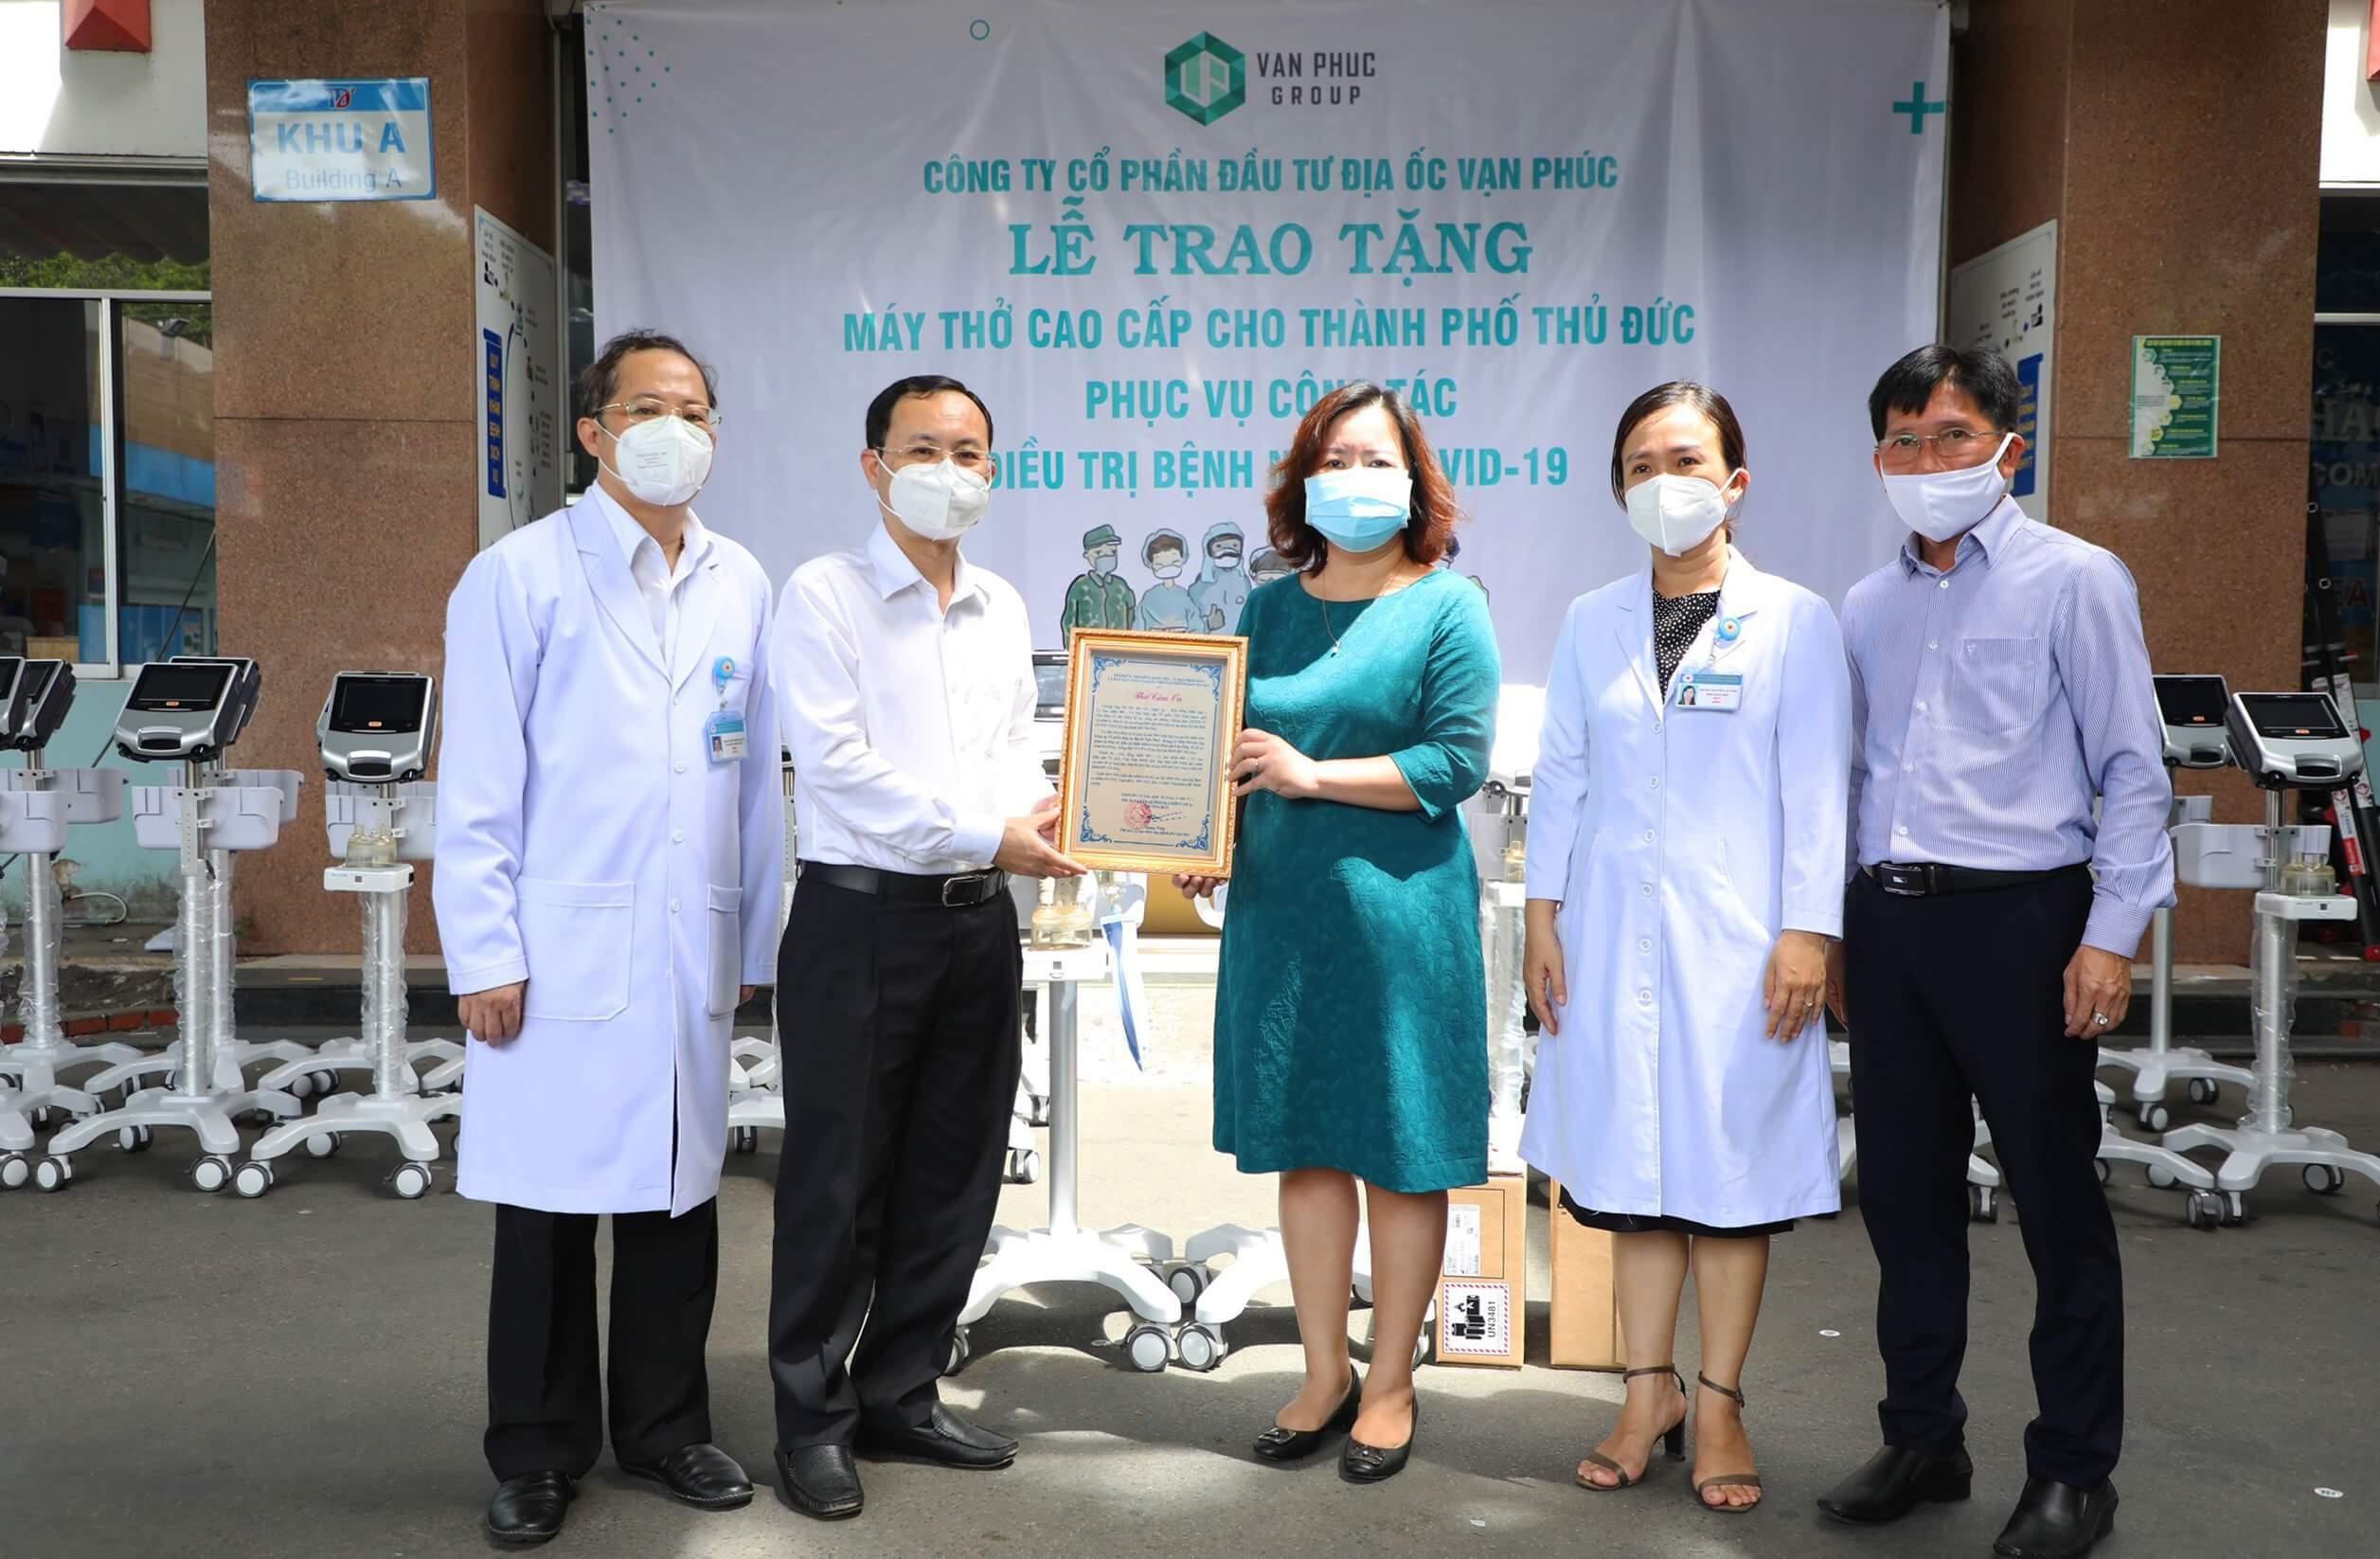 Van Phuc Group tặng 26 máy thở cho các bệnh viện tại TP.Thủ Đức